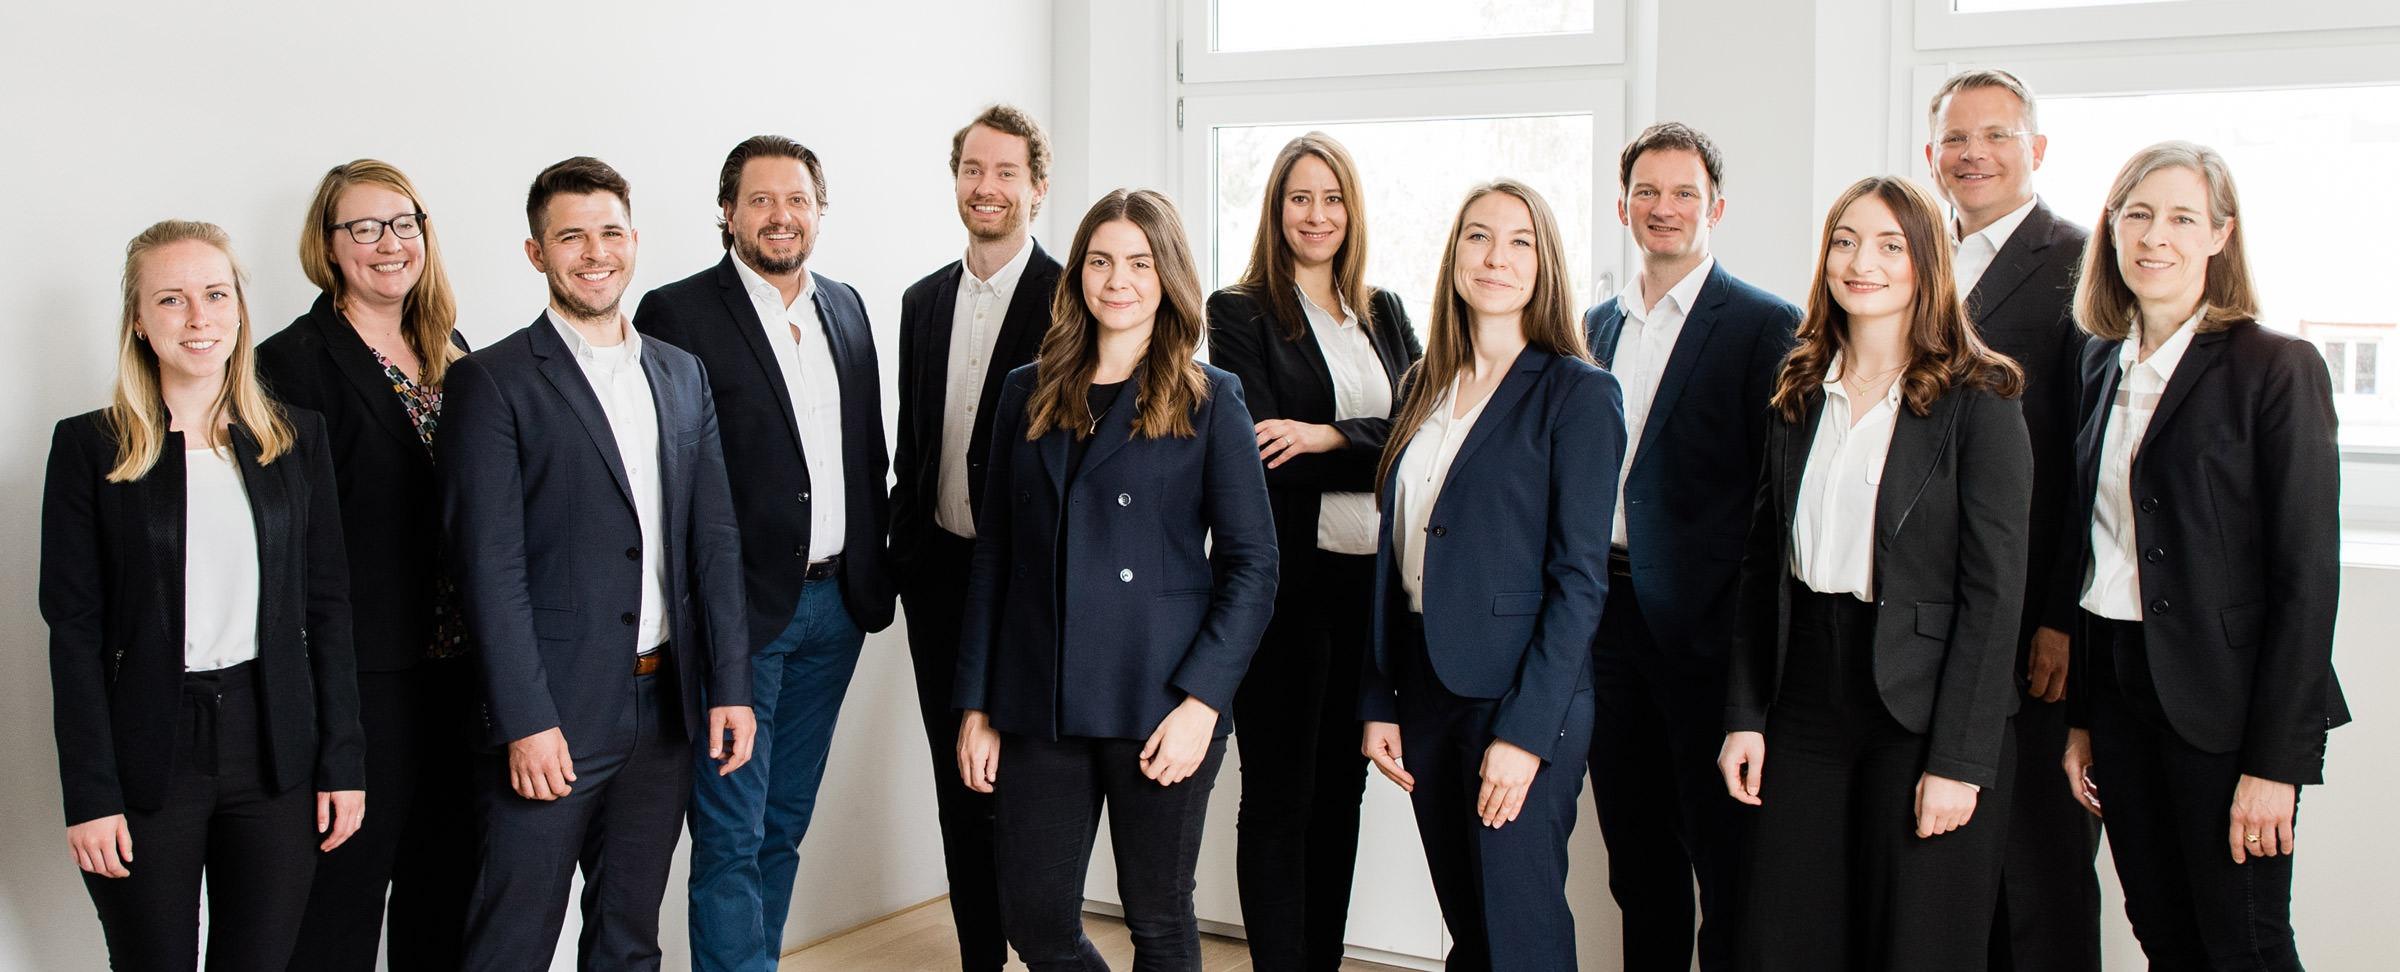 Blackeight München Team